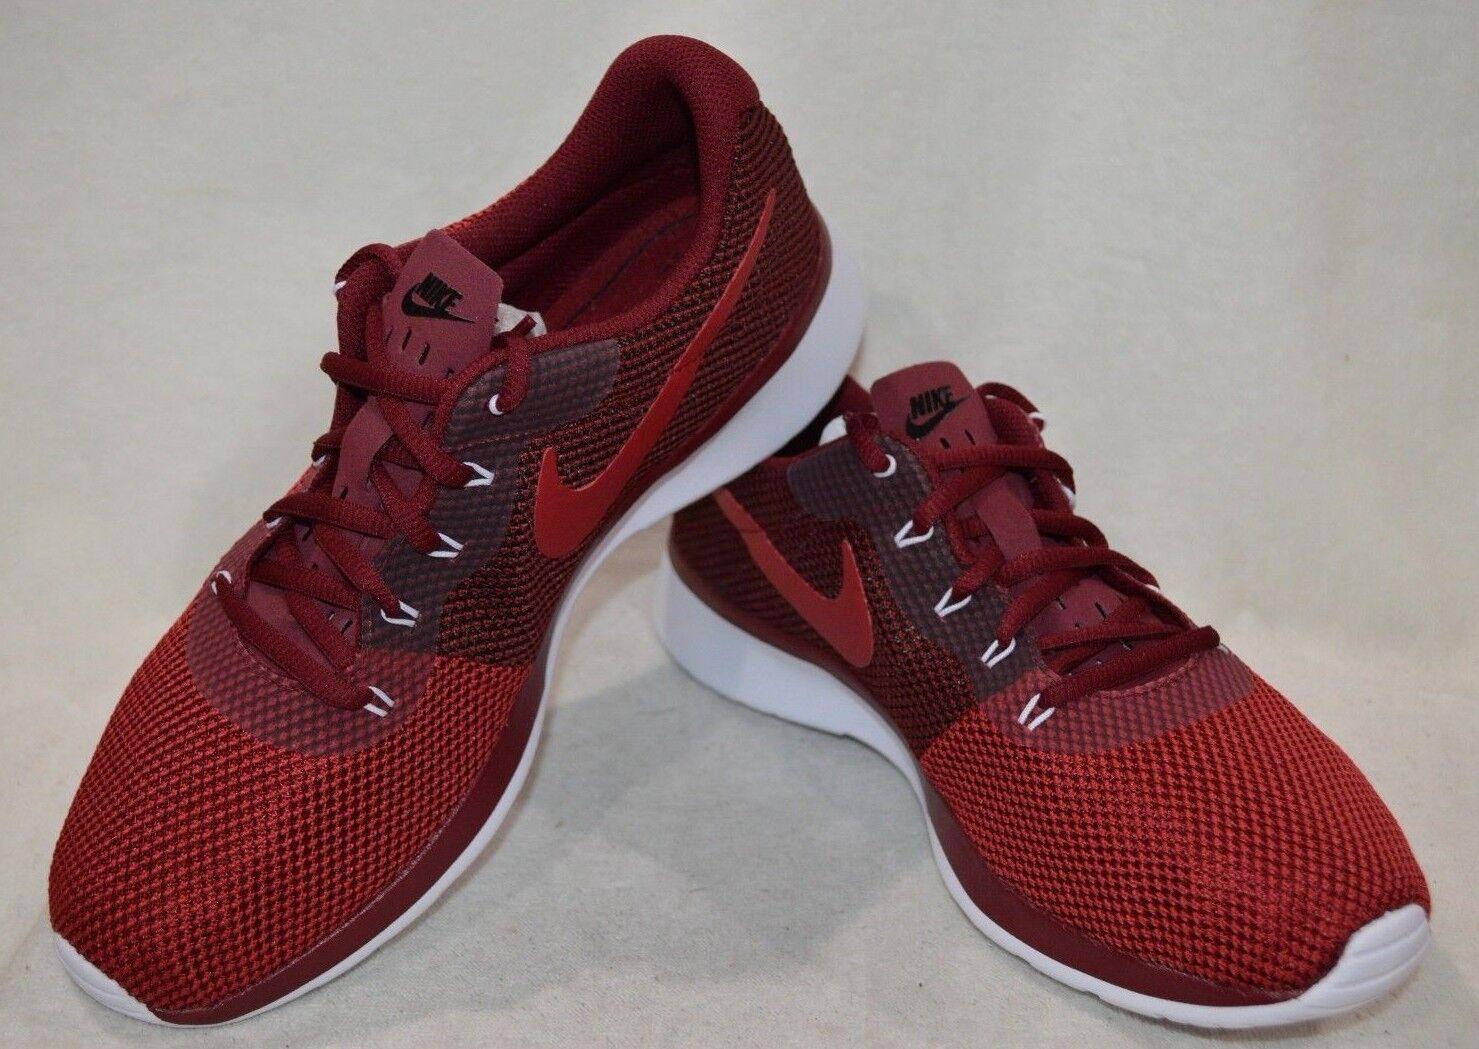 Nike tanjun racer rosso / nero / bianco asst le scarpe da corsa rosso / nero / bianco 921669-600 nwb